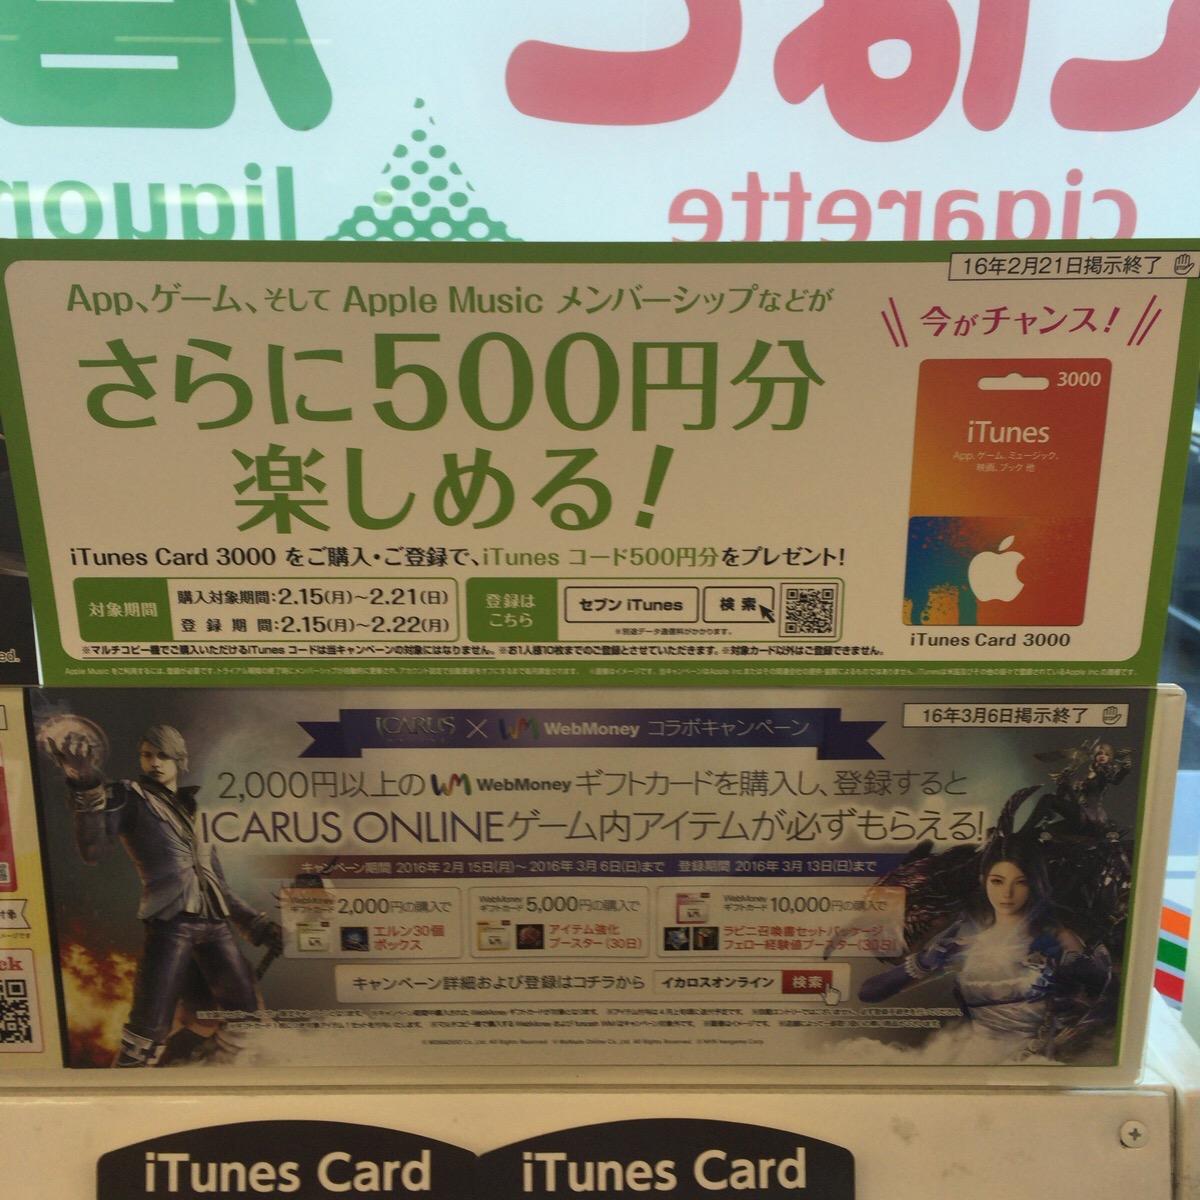 セブンイレブン-iTunesコード-2